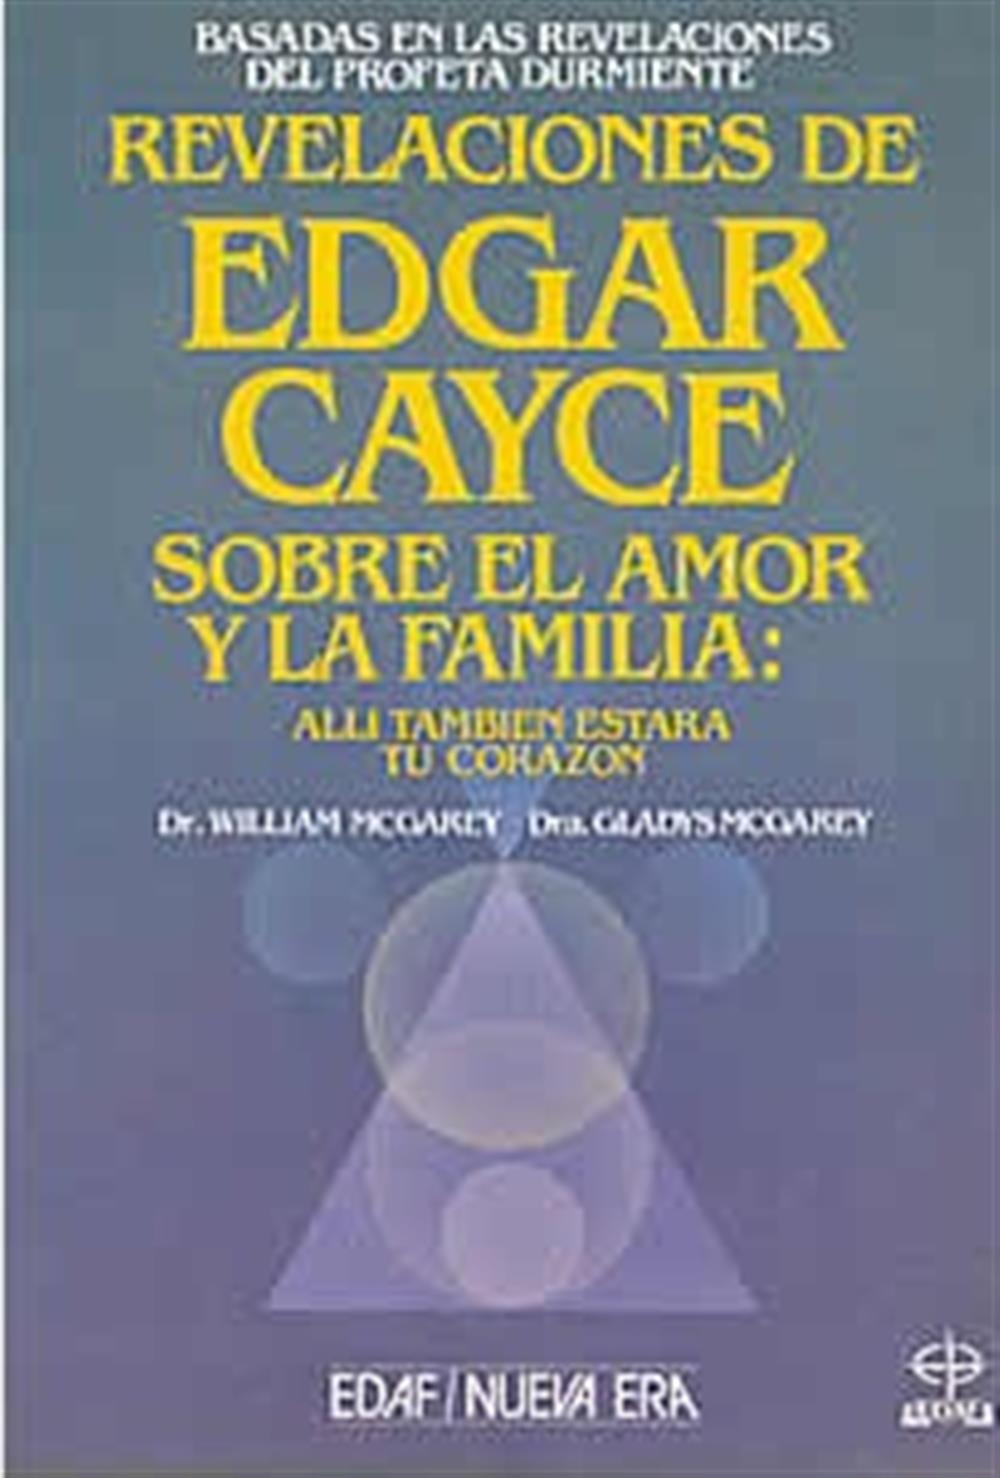 Revelaciones de Edgar Cayce sobre el amor y la familia